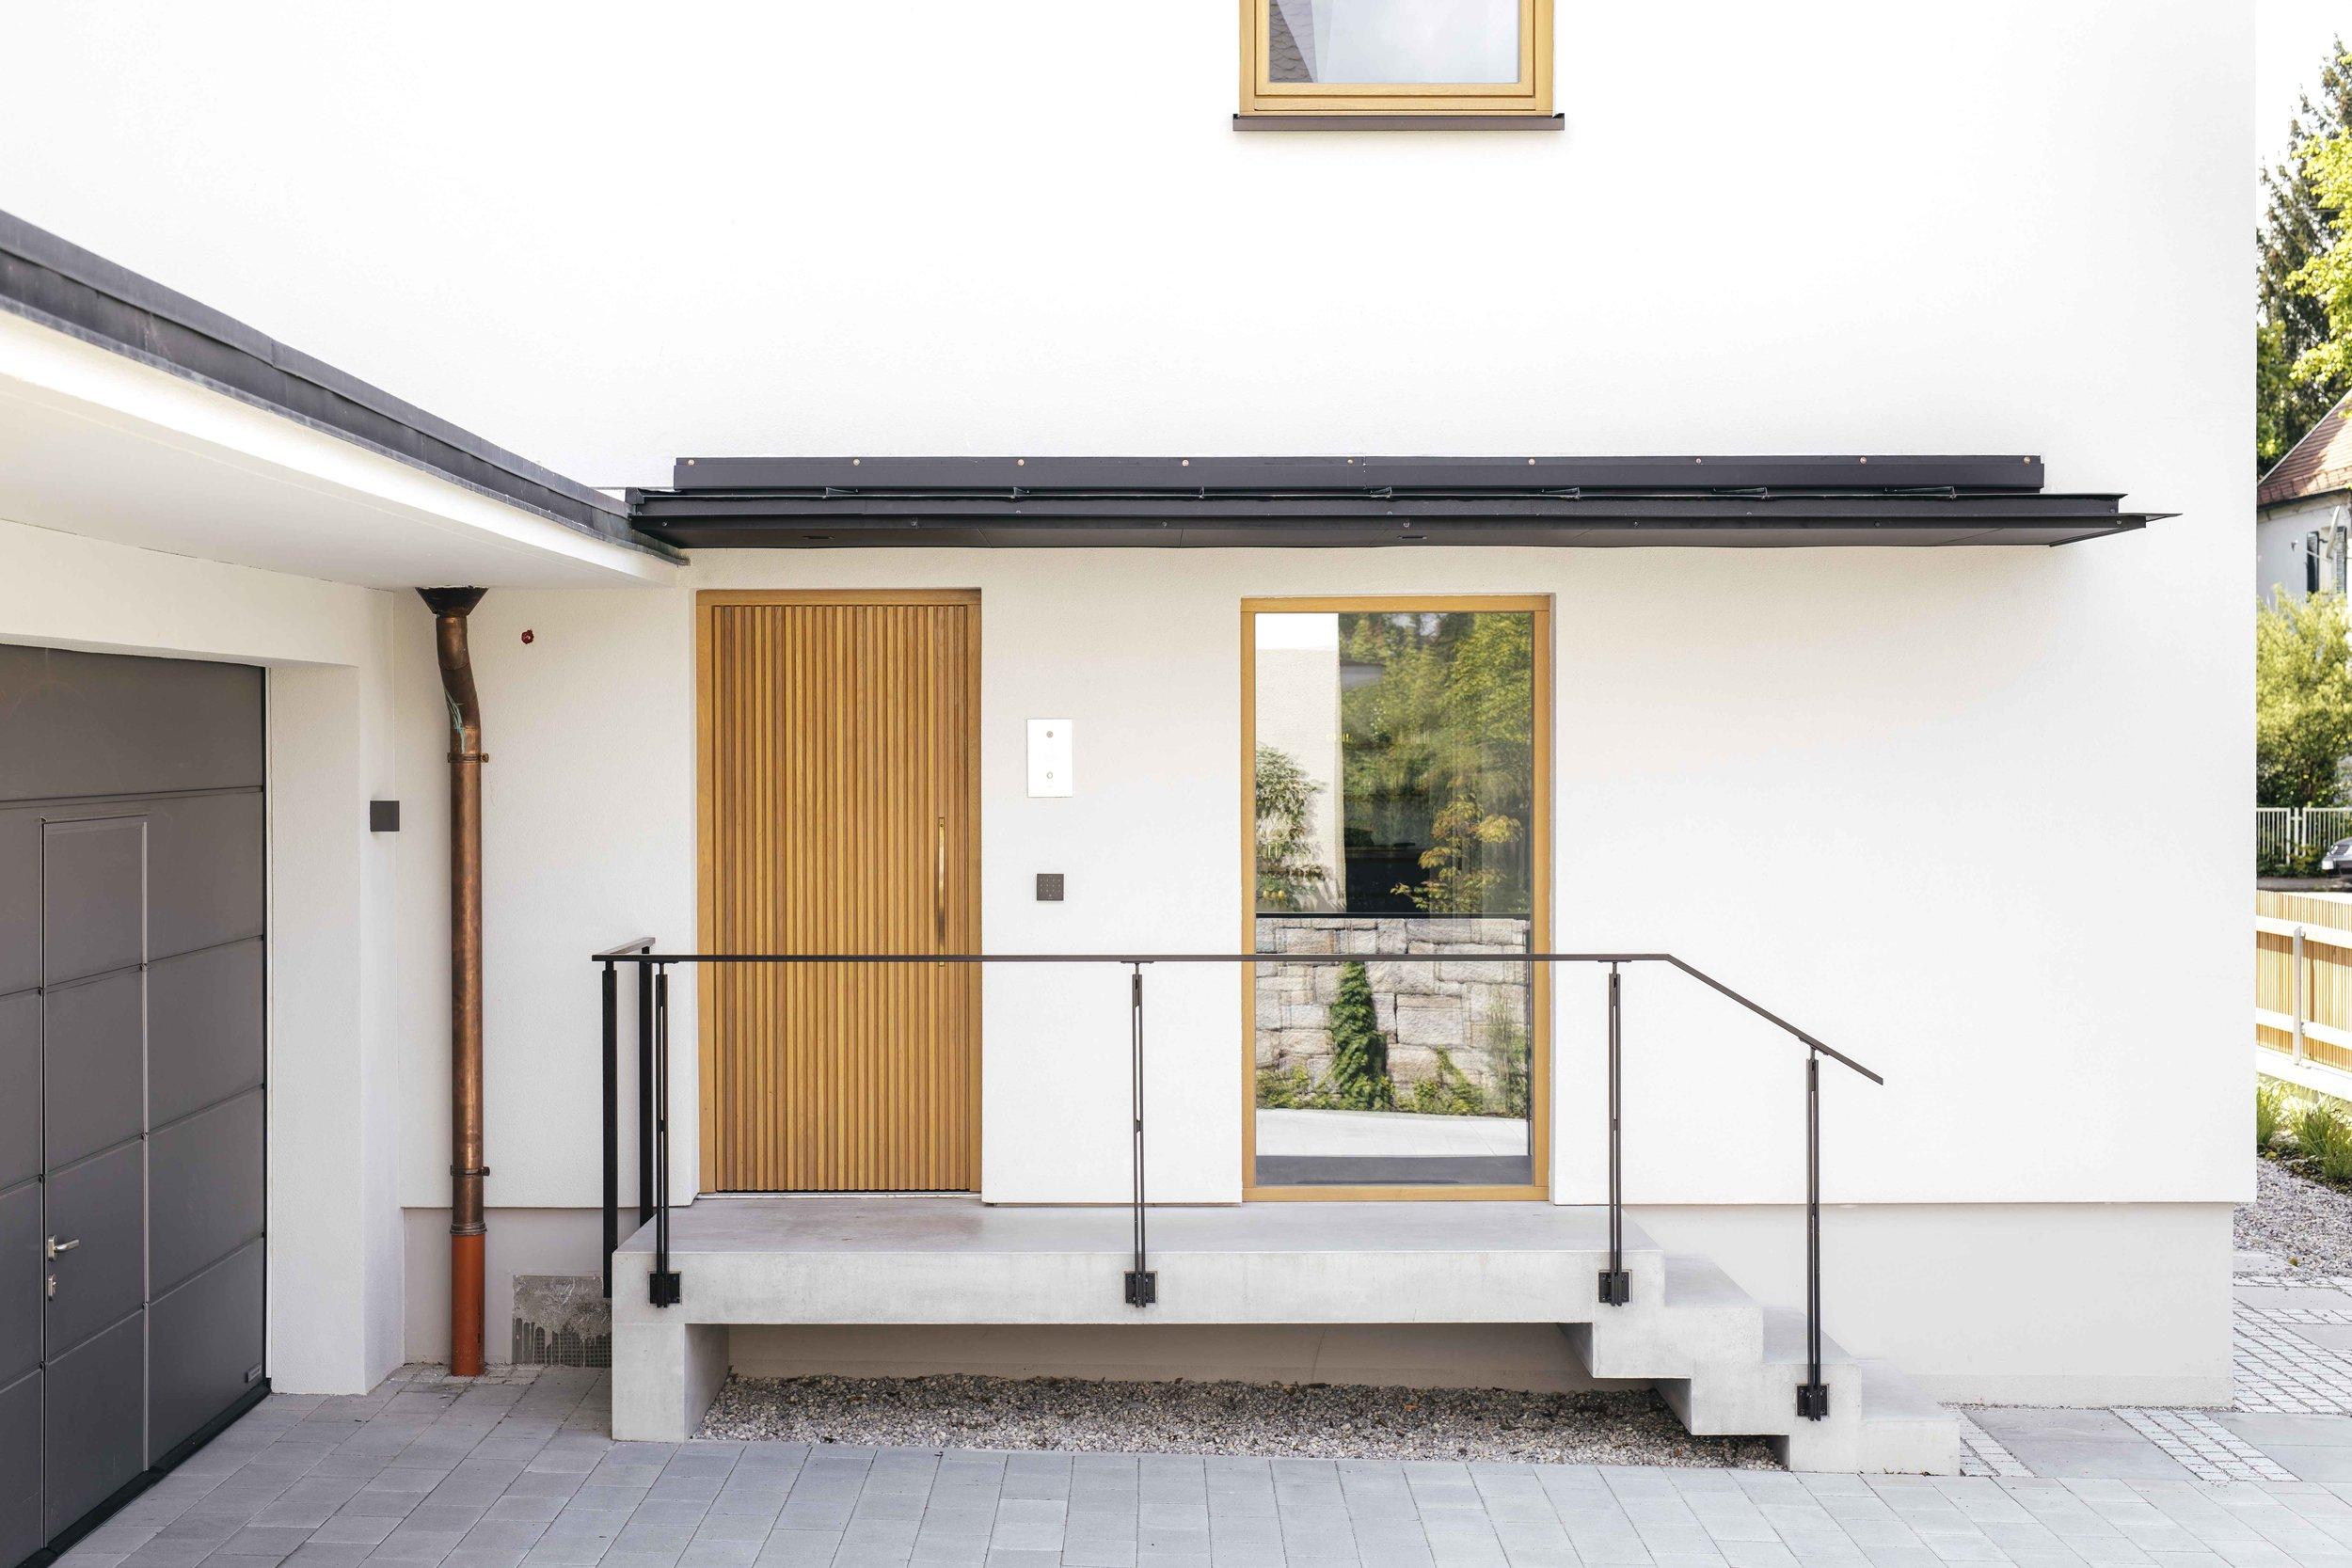 Architekturbuero-Philipp Moeller-München-Sanierung14.jpg